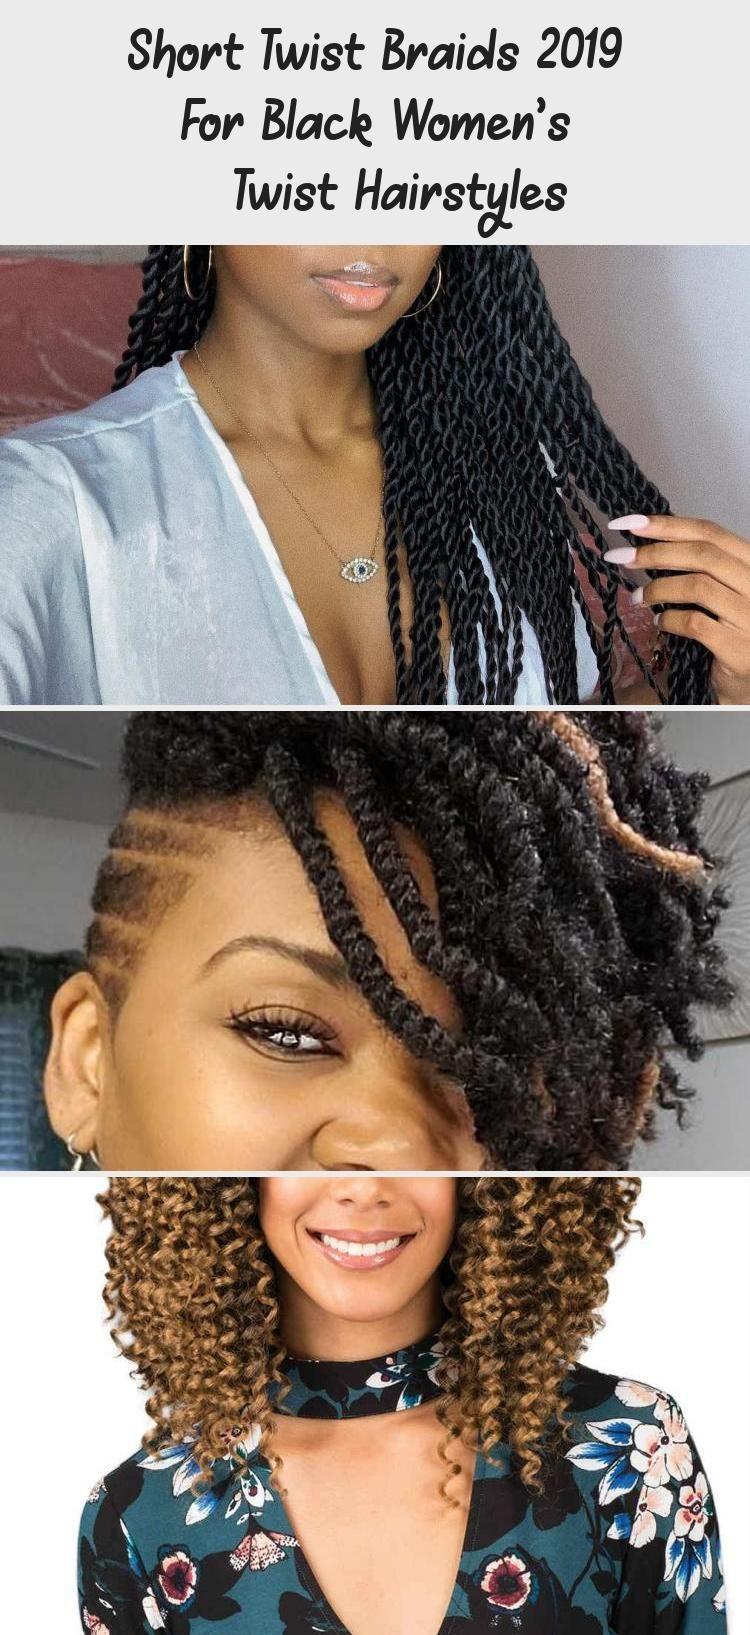 Short Twist Braids 2019 Fur Schwarze Frauen Twist Frisuren Pinokyo Braids Coolbraids Fishtailbraids Frauen In 2020 With Images Twist Braids Twist Hairstyles Hair Styles